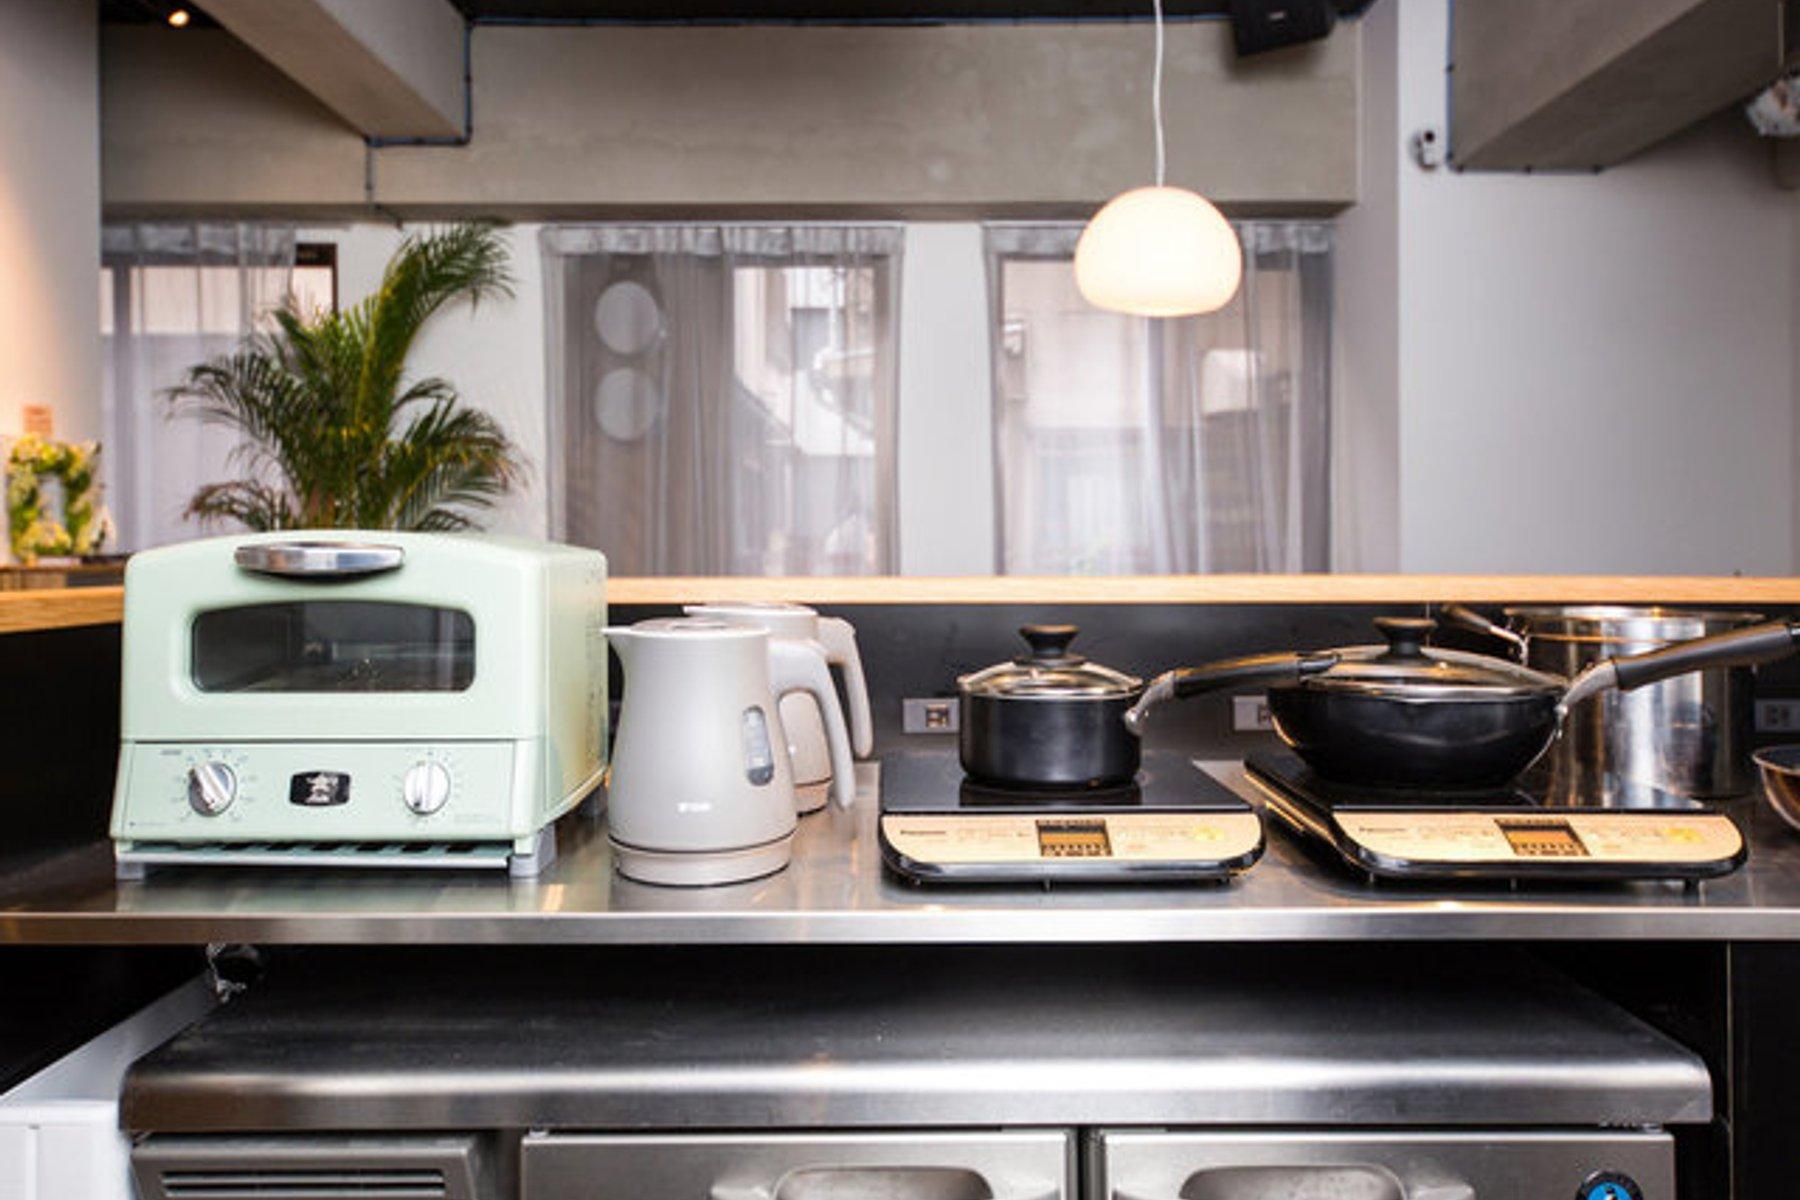 シェアキッチンも併設されています。できるだけ自炊がしたい、人がいる感じがほしい。そんな方におすすめです。